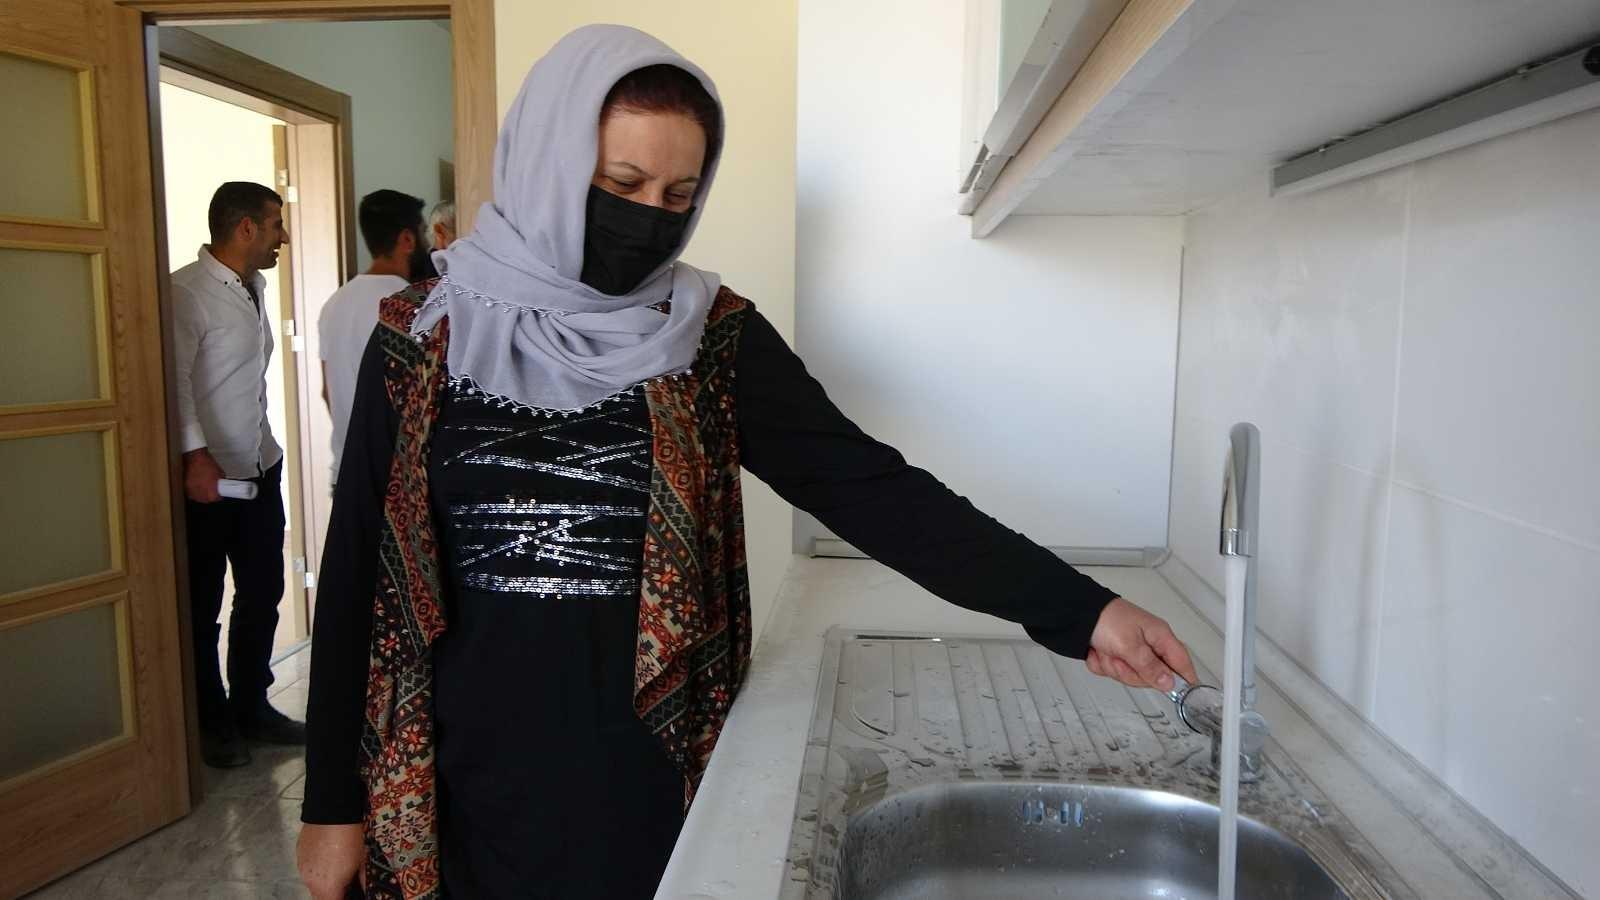 Yüksekova'da vatandaşlar evlerine kavuştu #hakkari